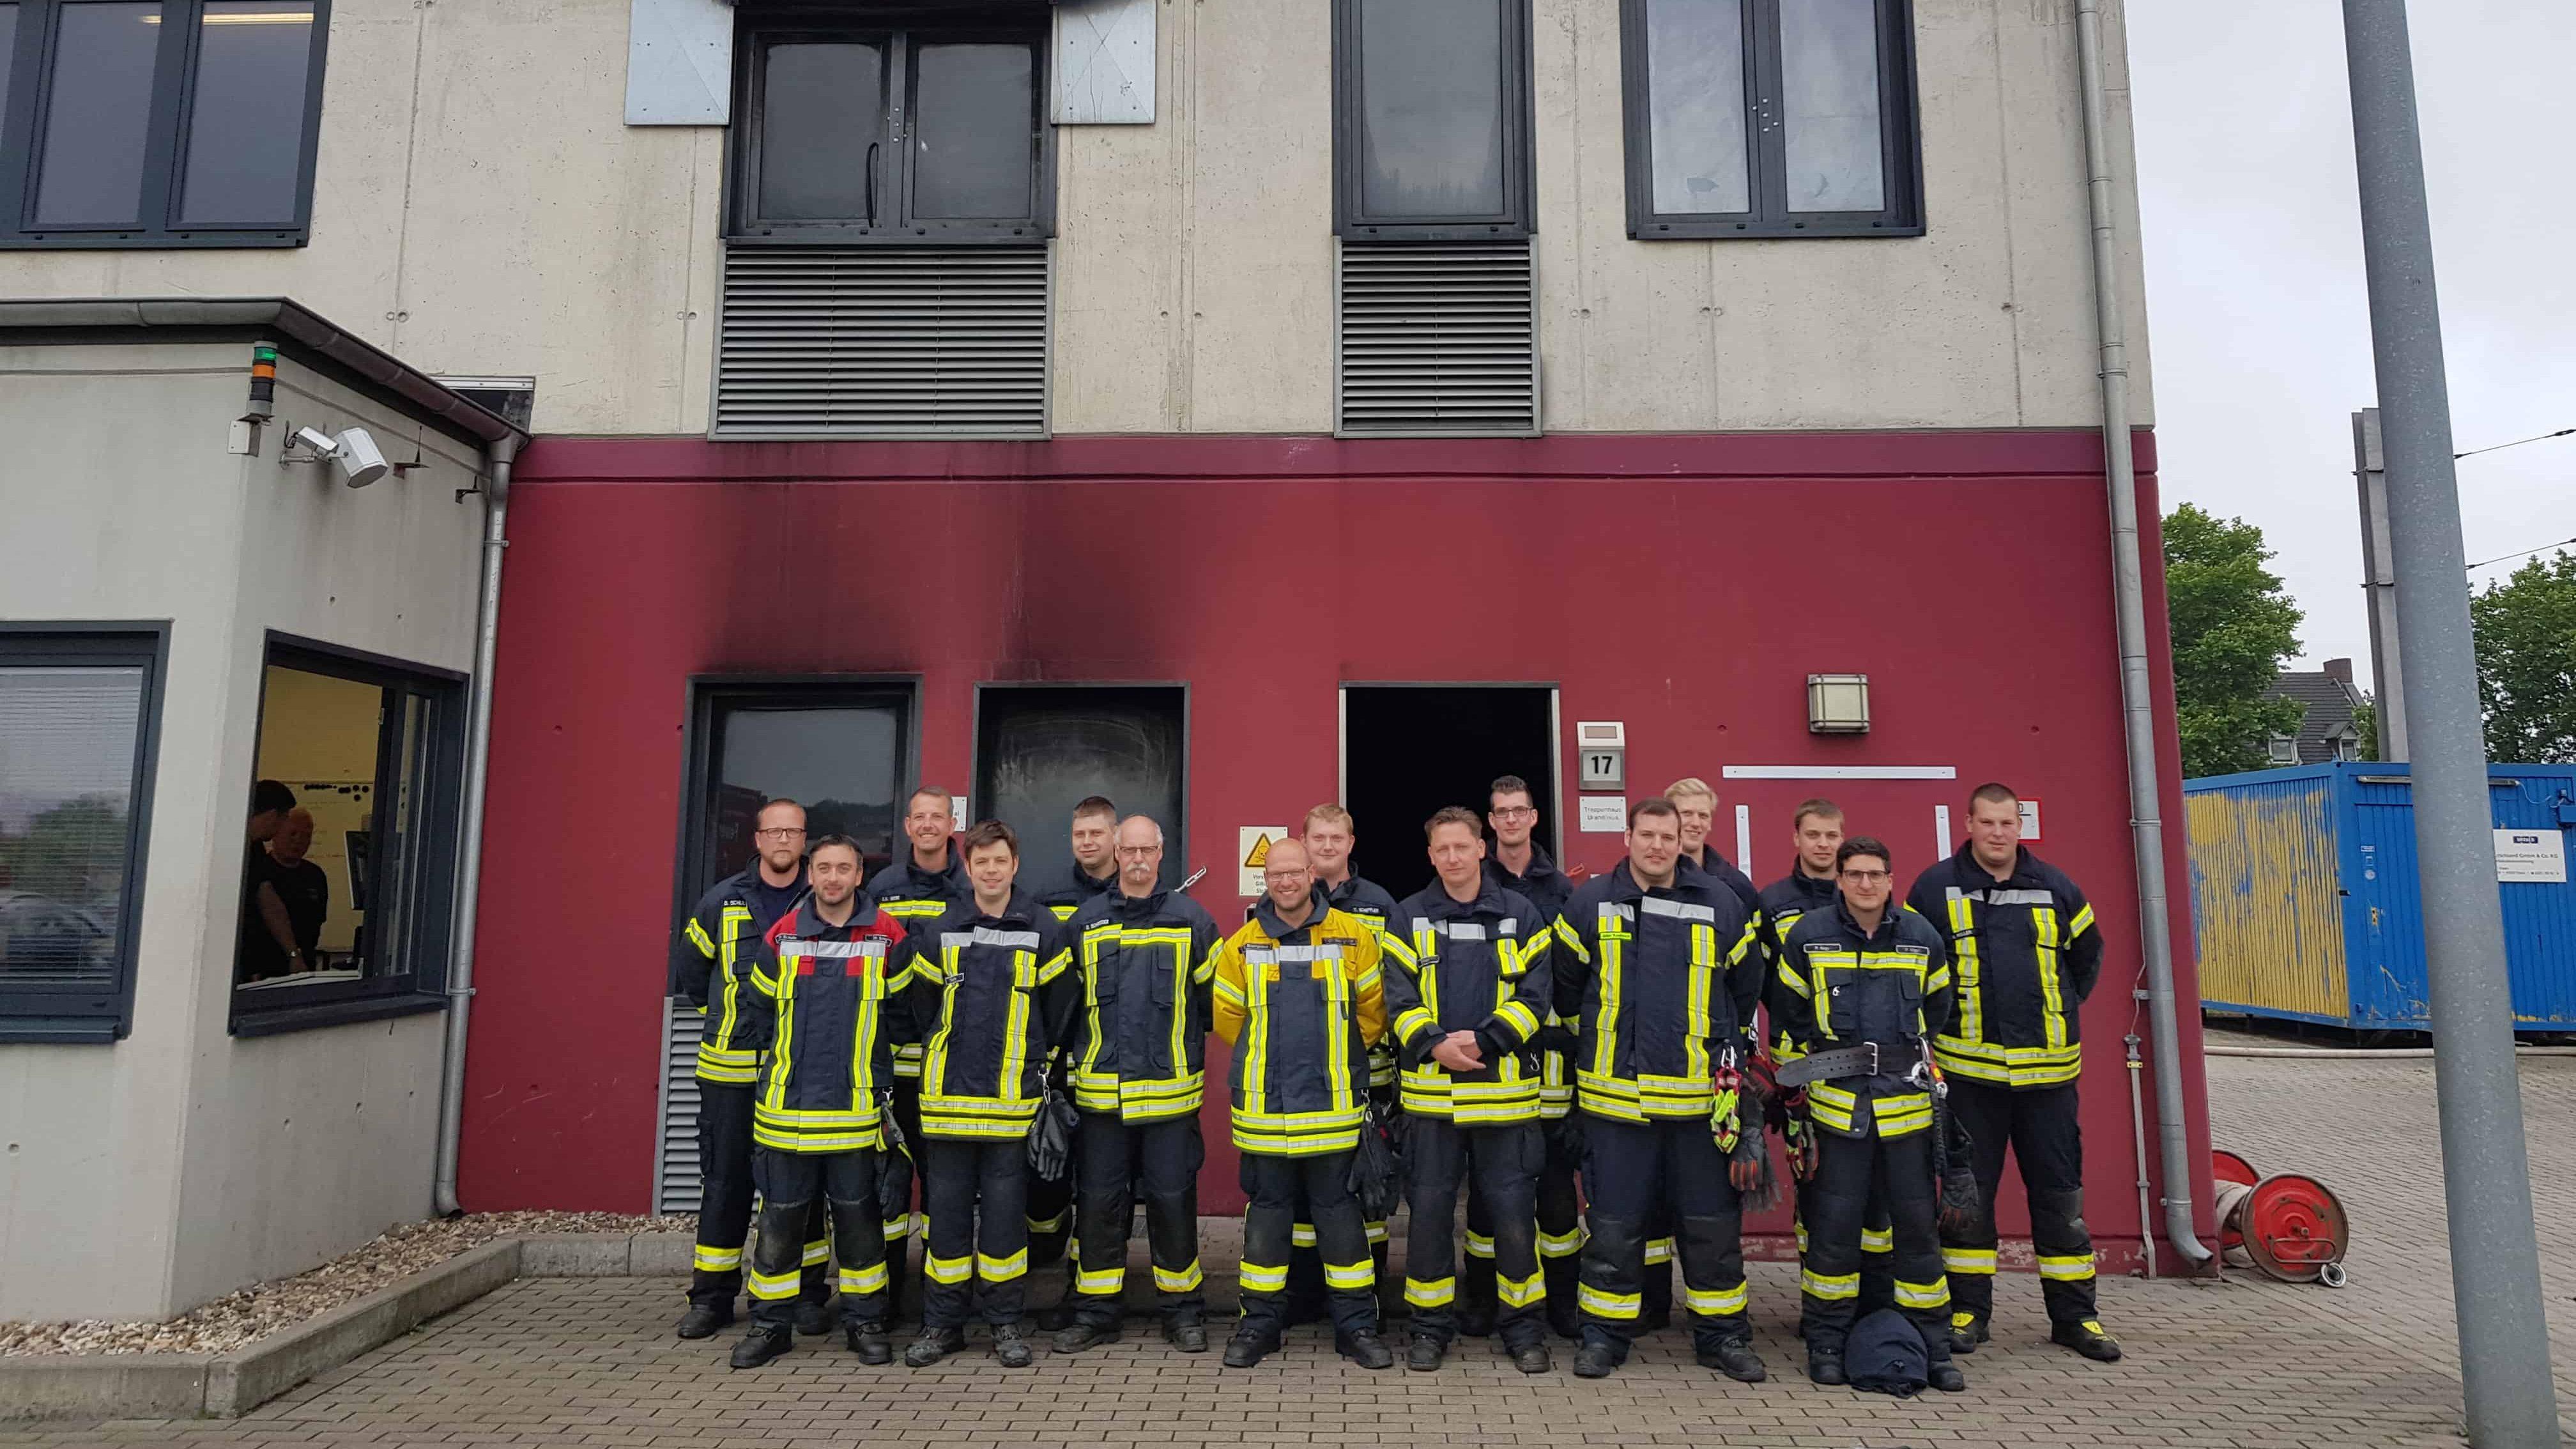 Realbrandtraining im Ausbildungszentrum der Feuerwehr Dortmund